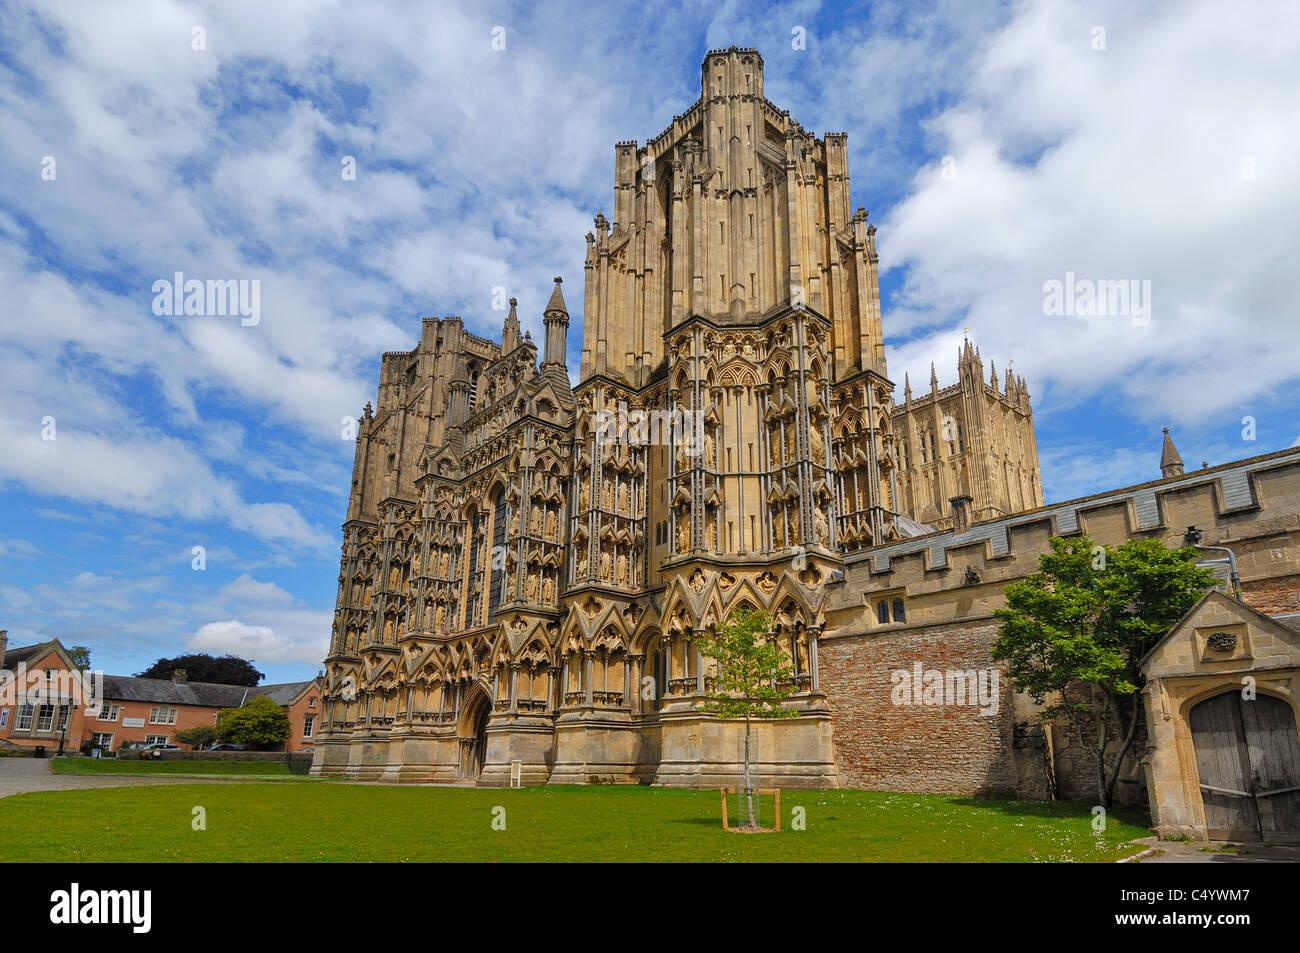 """Construit entre 1175 et 1490, la cathédrale de Wells a été décrit comme """"la plus poétique de la cathédrales. Banque D'Images"""